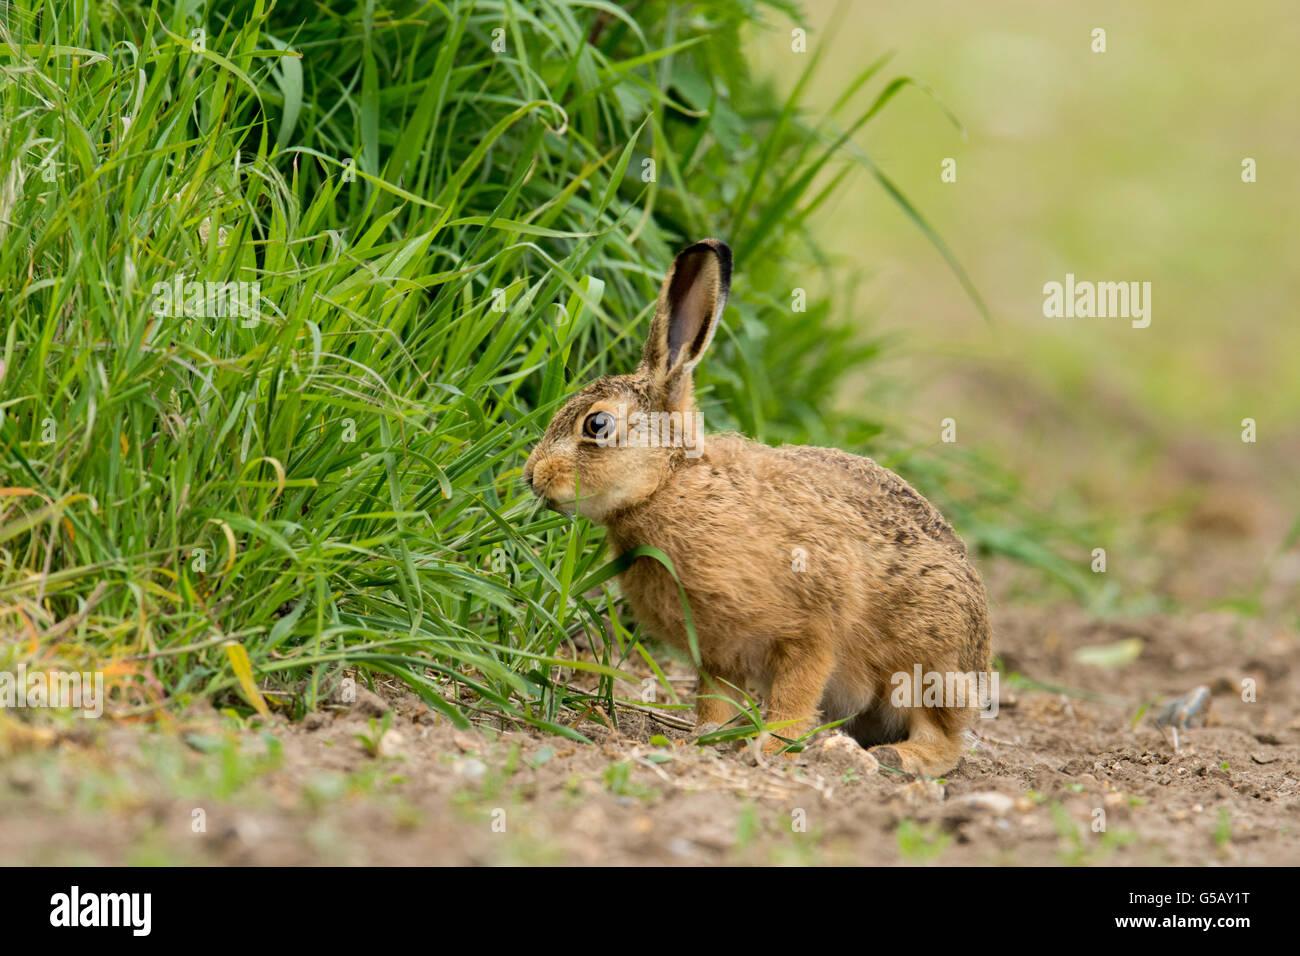 Brown la liebre (Lepus europaeus) en tierras de cultivo. Imagen De Stock